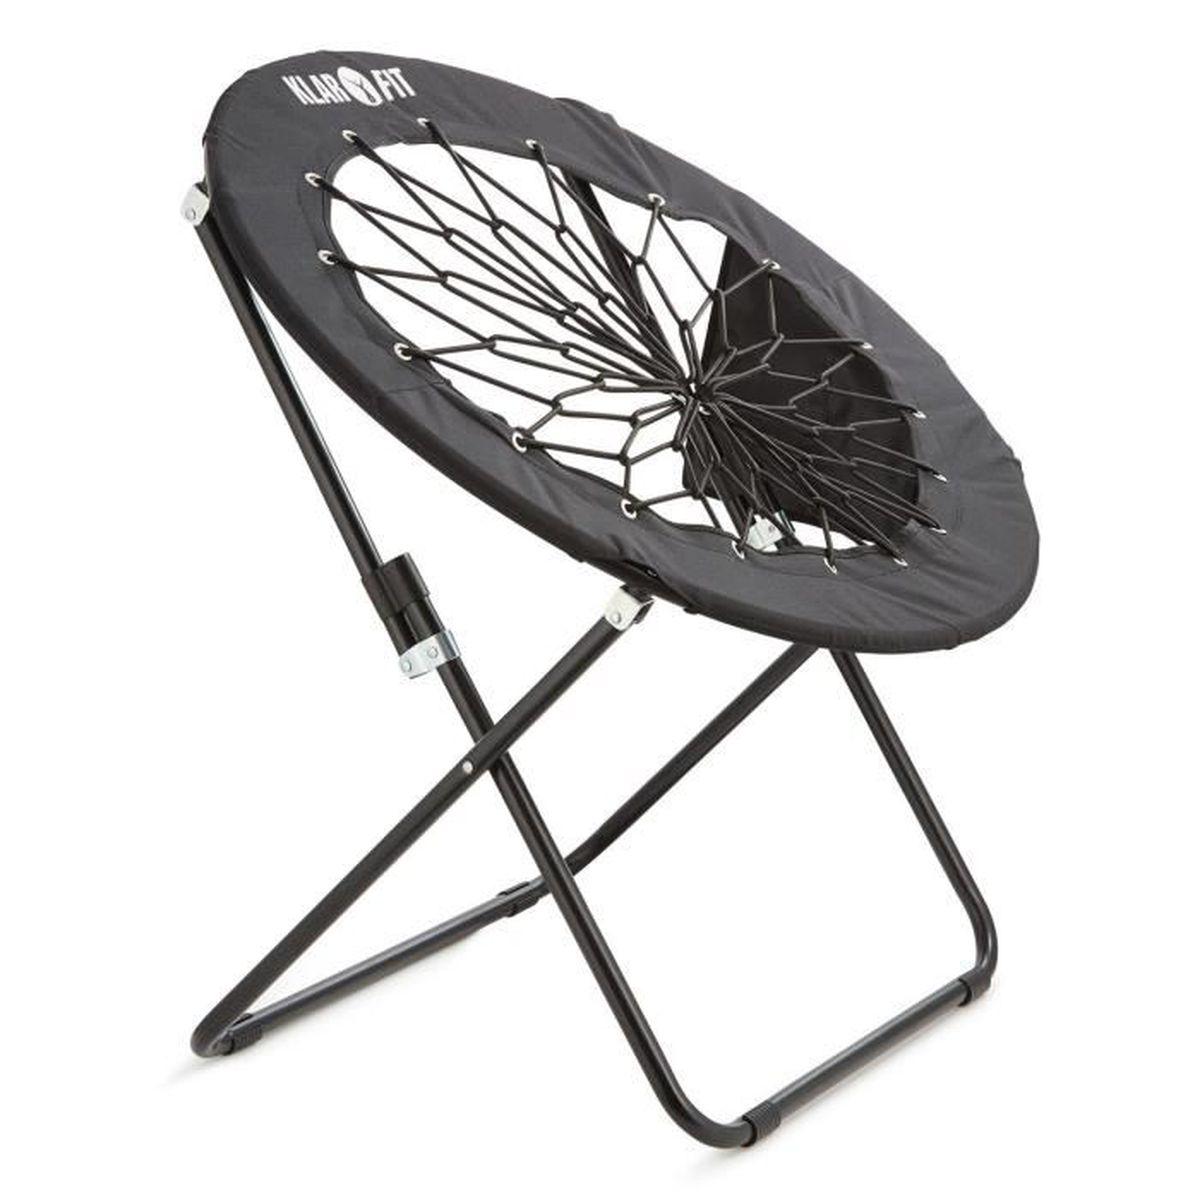 klarfit bounco chaise bungee lastique pliable 81x41 85 cm noire achat vente fauteuil. Black Bedroom Furniture Sets. Home Design Ideas